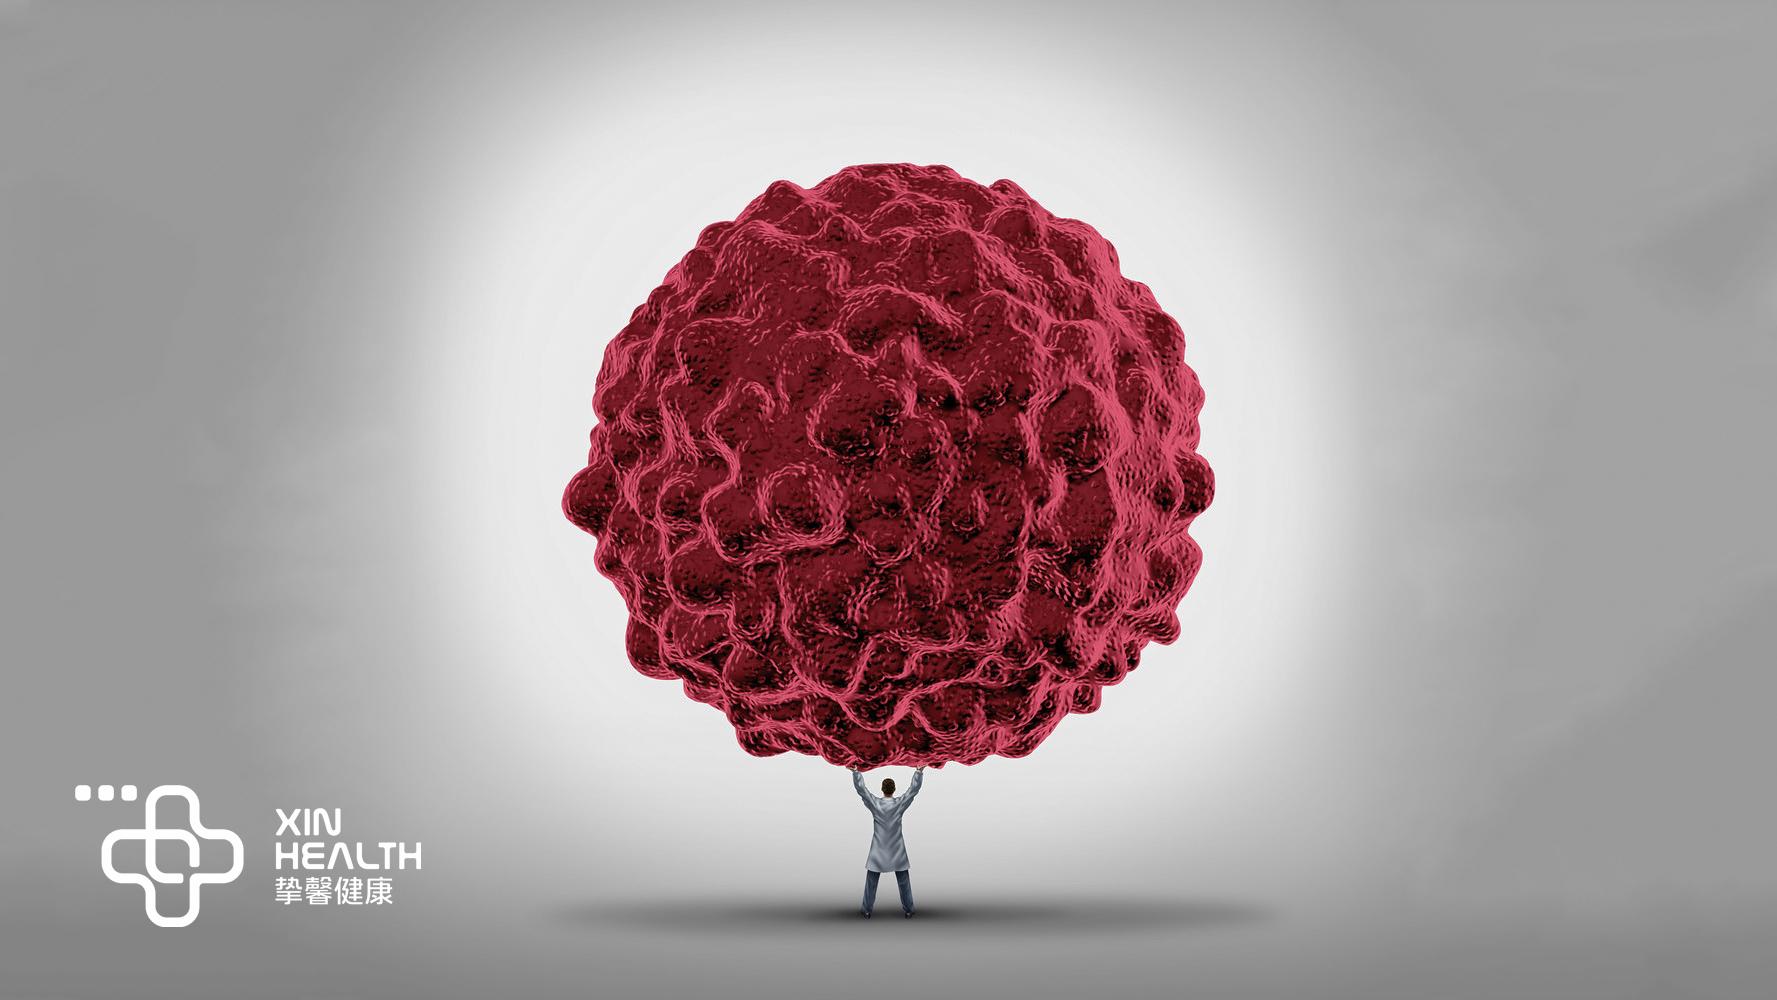 人类对抗癌症的道路上看到了曙光